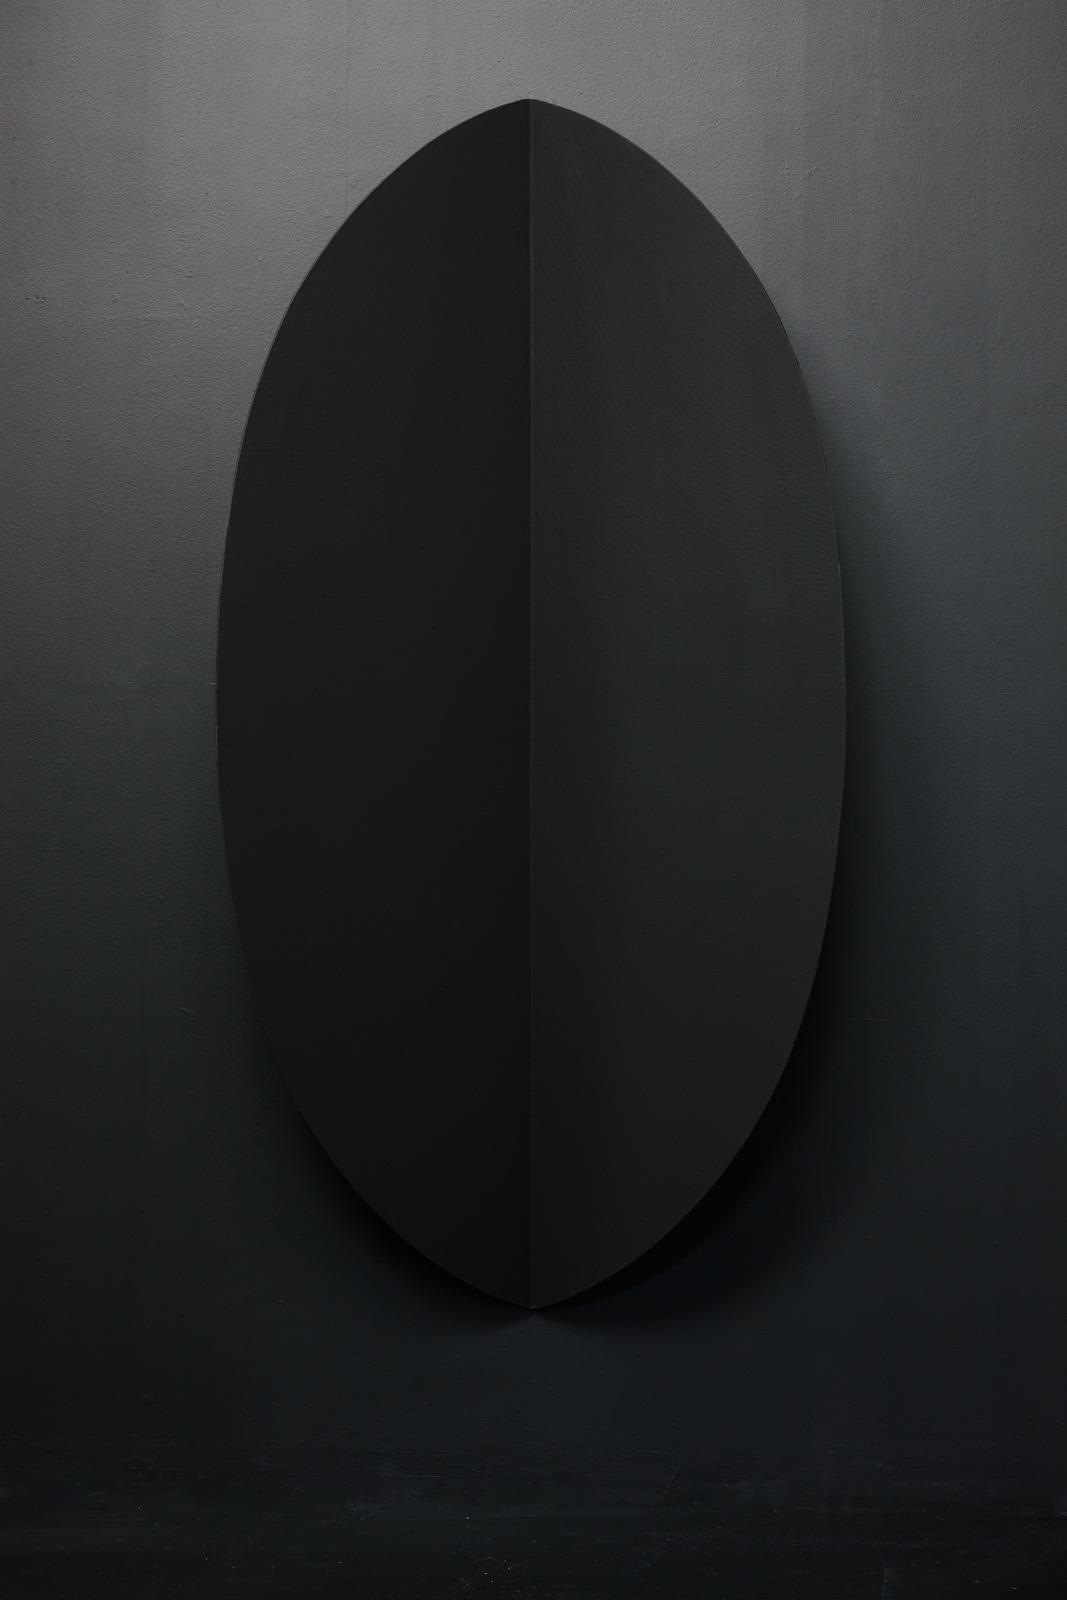 Ryan Estep - Tool (PV6V2), 2016